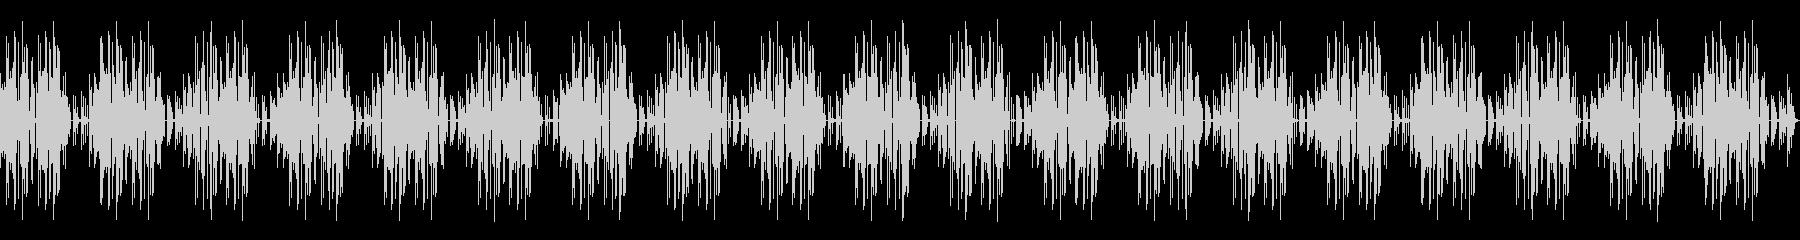 トーク用、ほのぼの優しい楽しいピアノ曲の未再生の波形